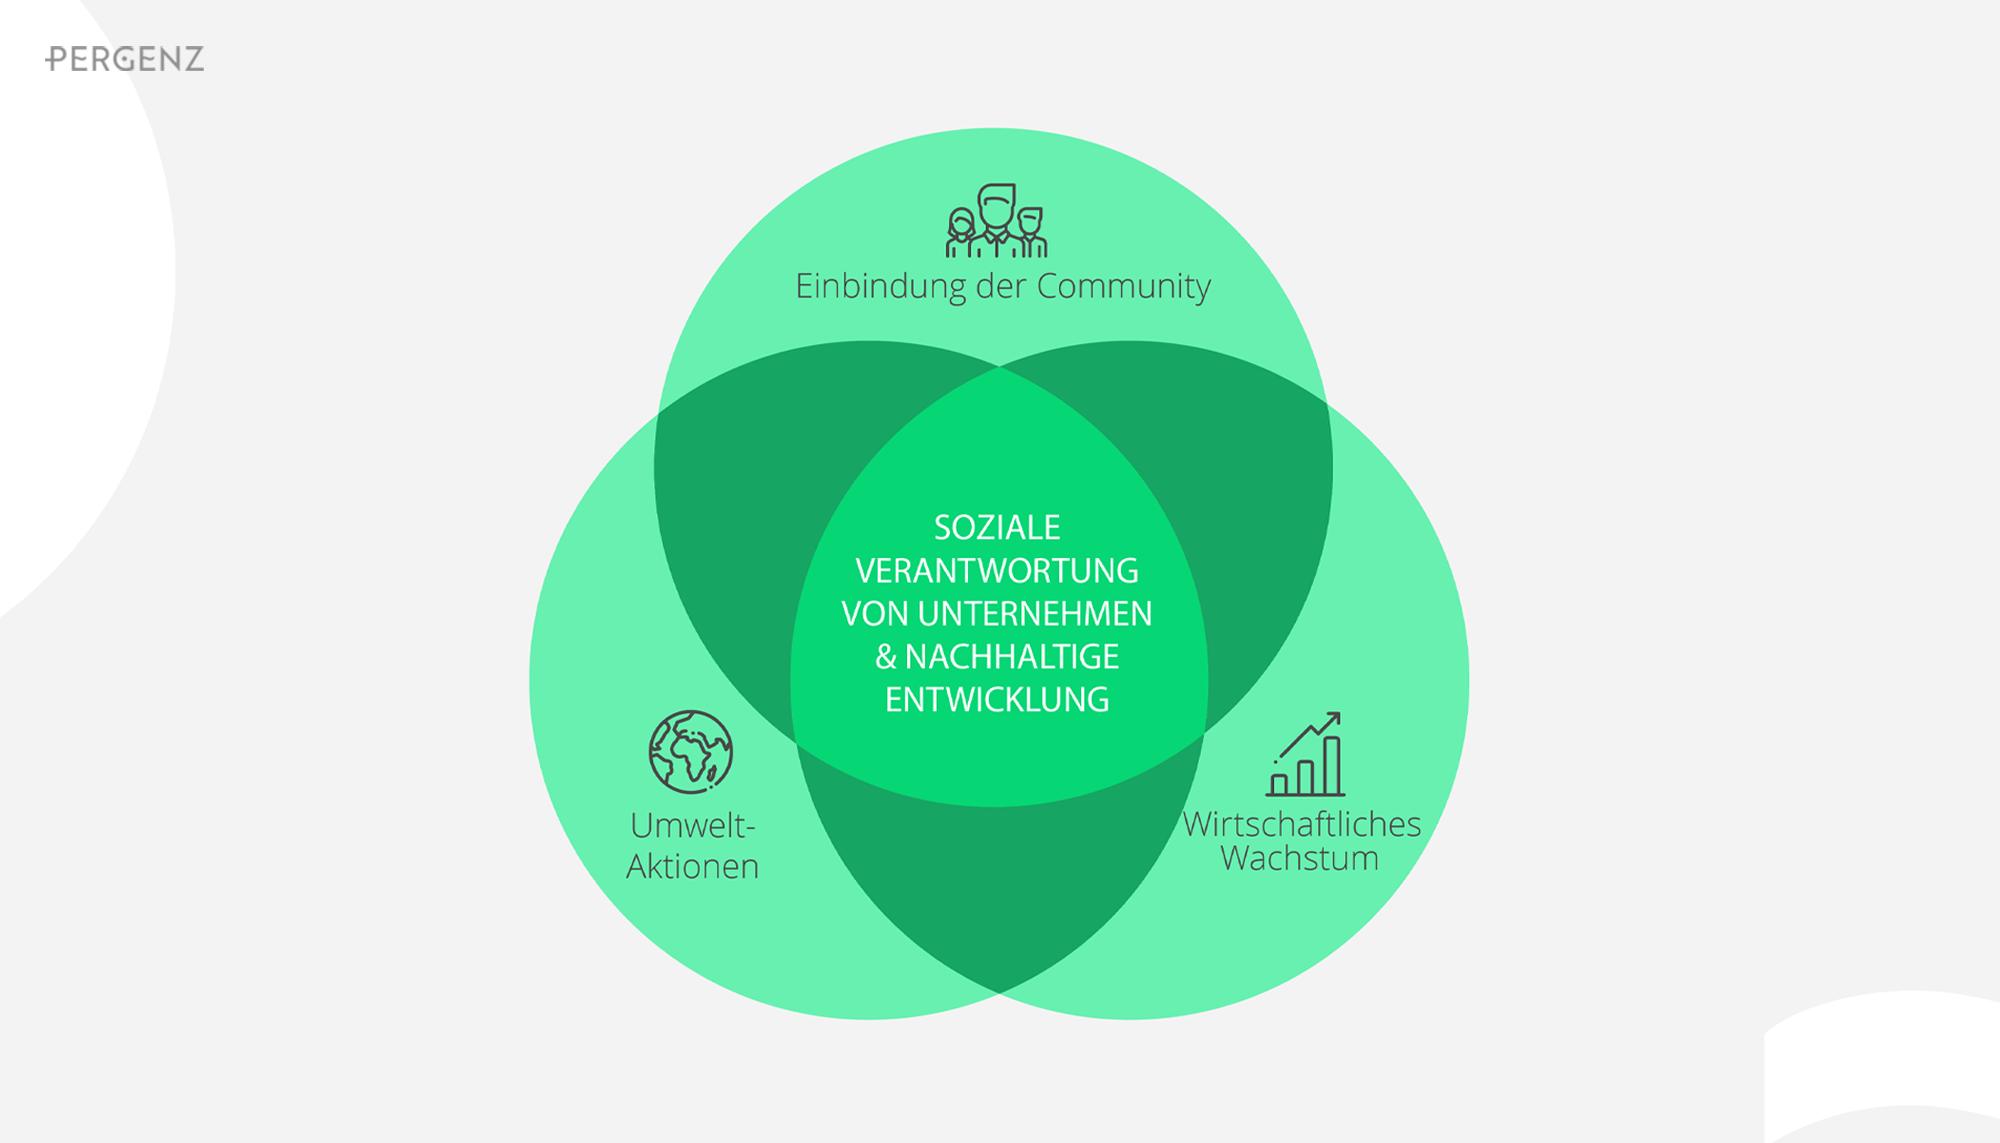 Soziale Verantwortung von Unternehmen & Nachhaltige Entwicklung